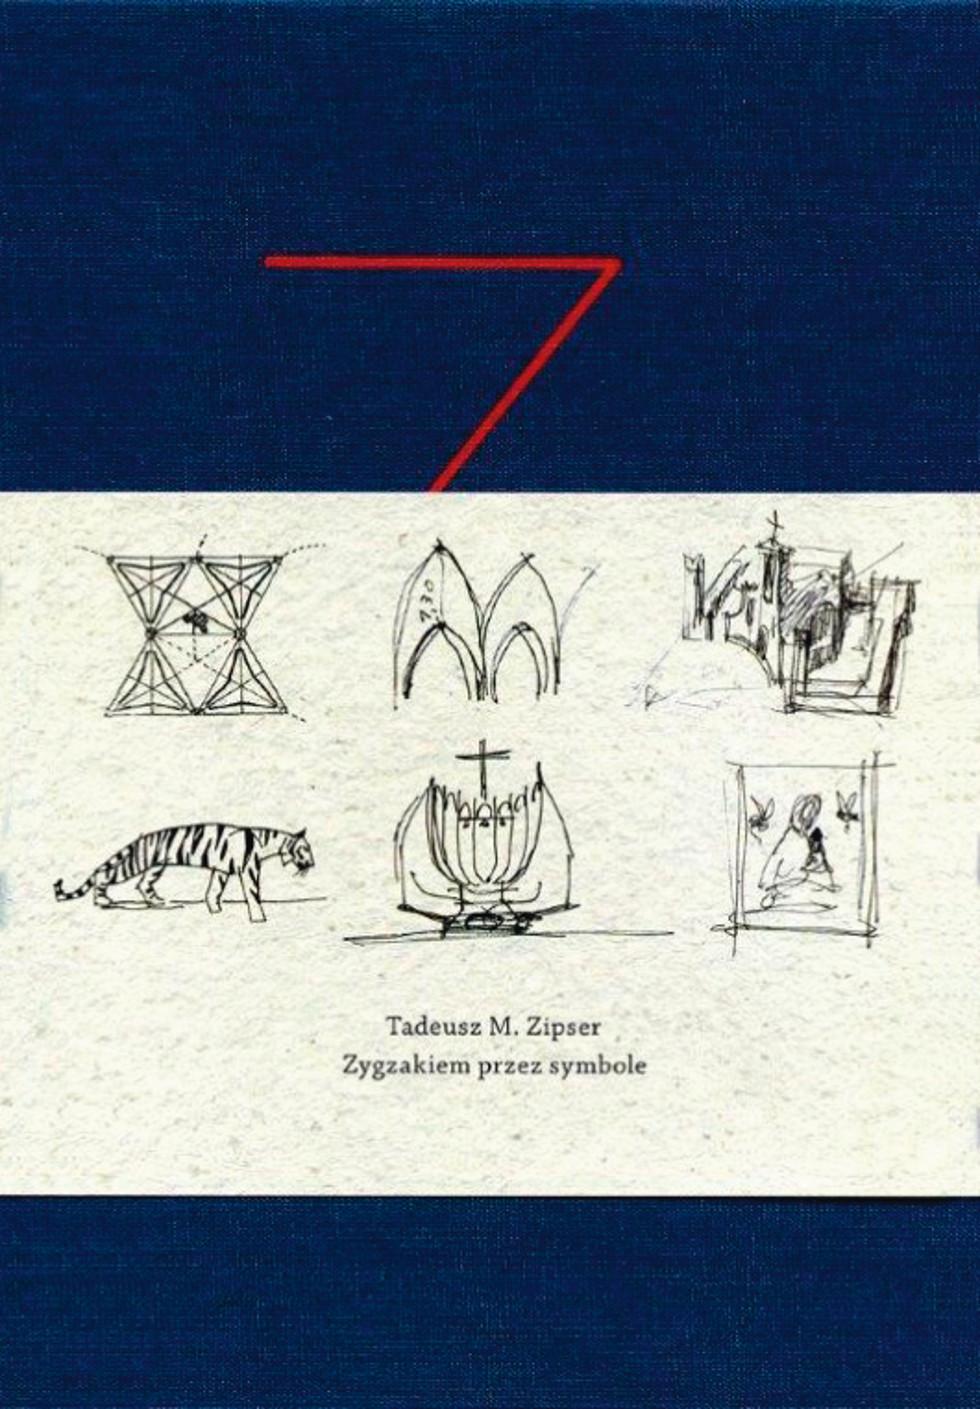 Zygzakiem przez symbole